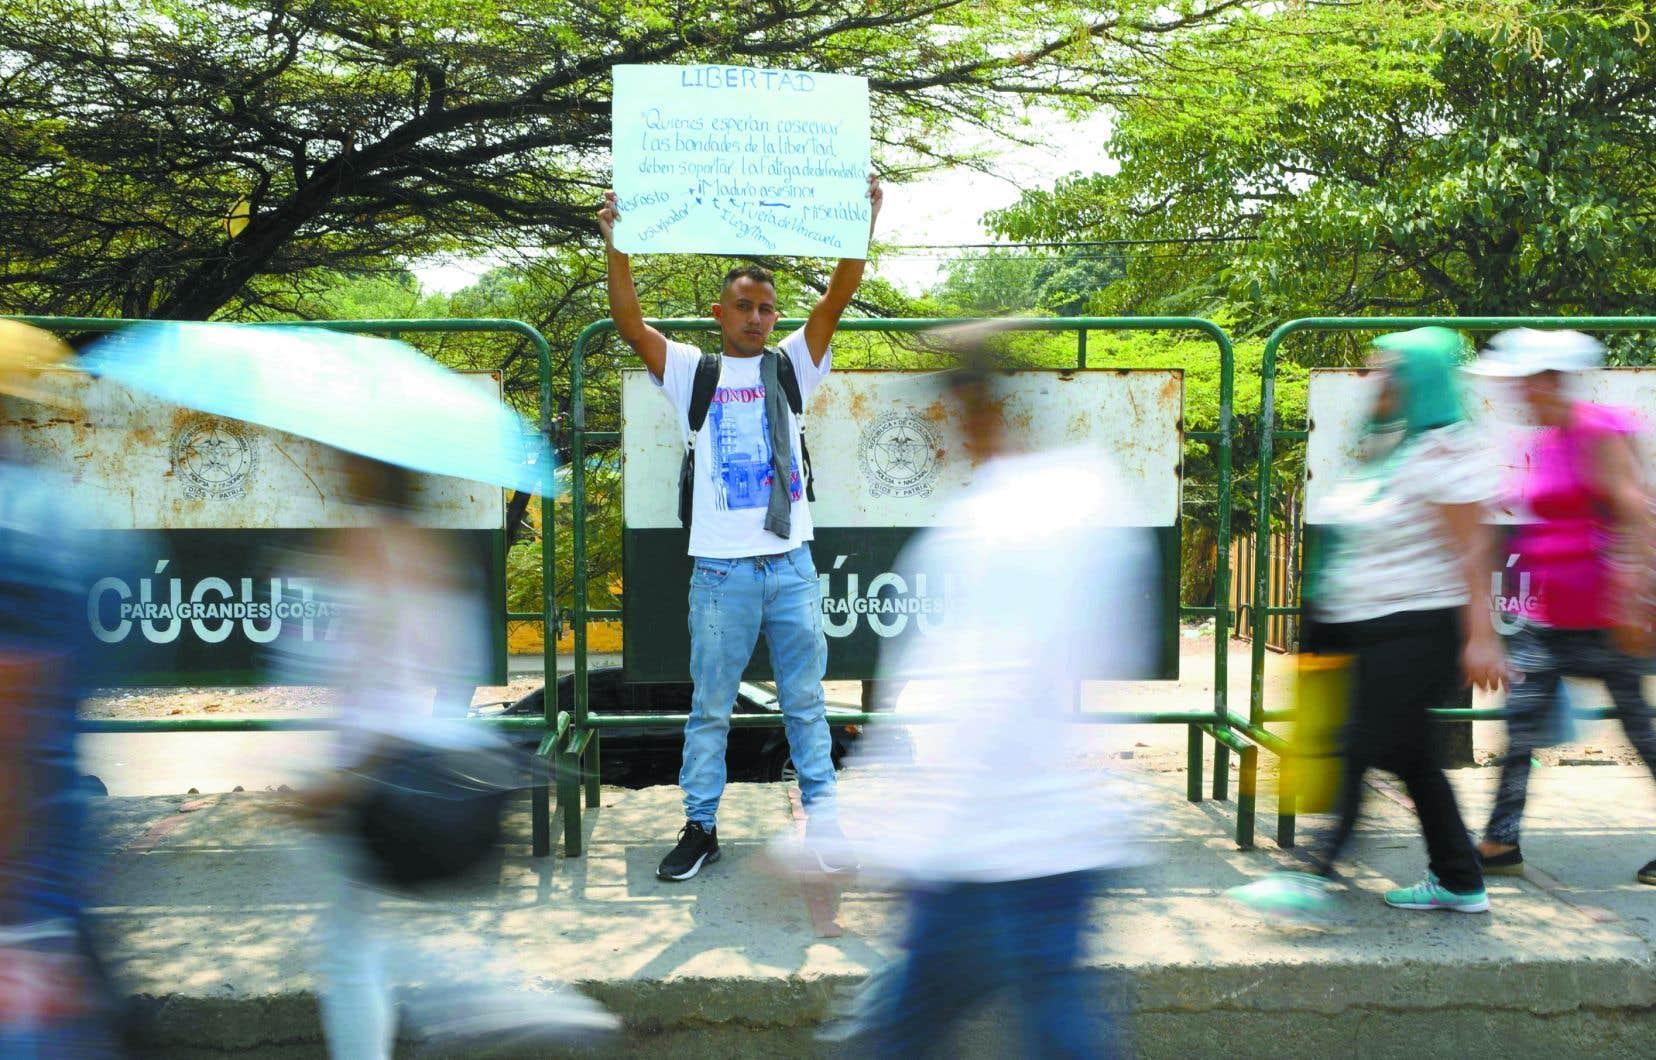 Un migrant vénézuélien manifestait, lundi, contre le gouvernement Maduro à La Parada, près de Cúcuta en Colombie.